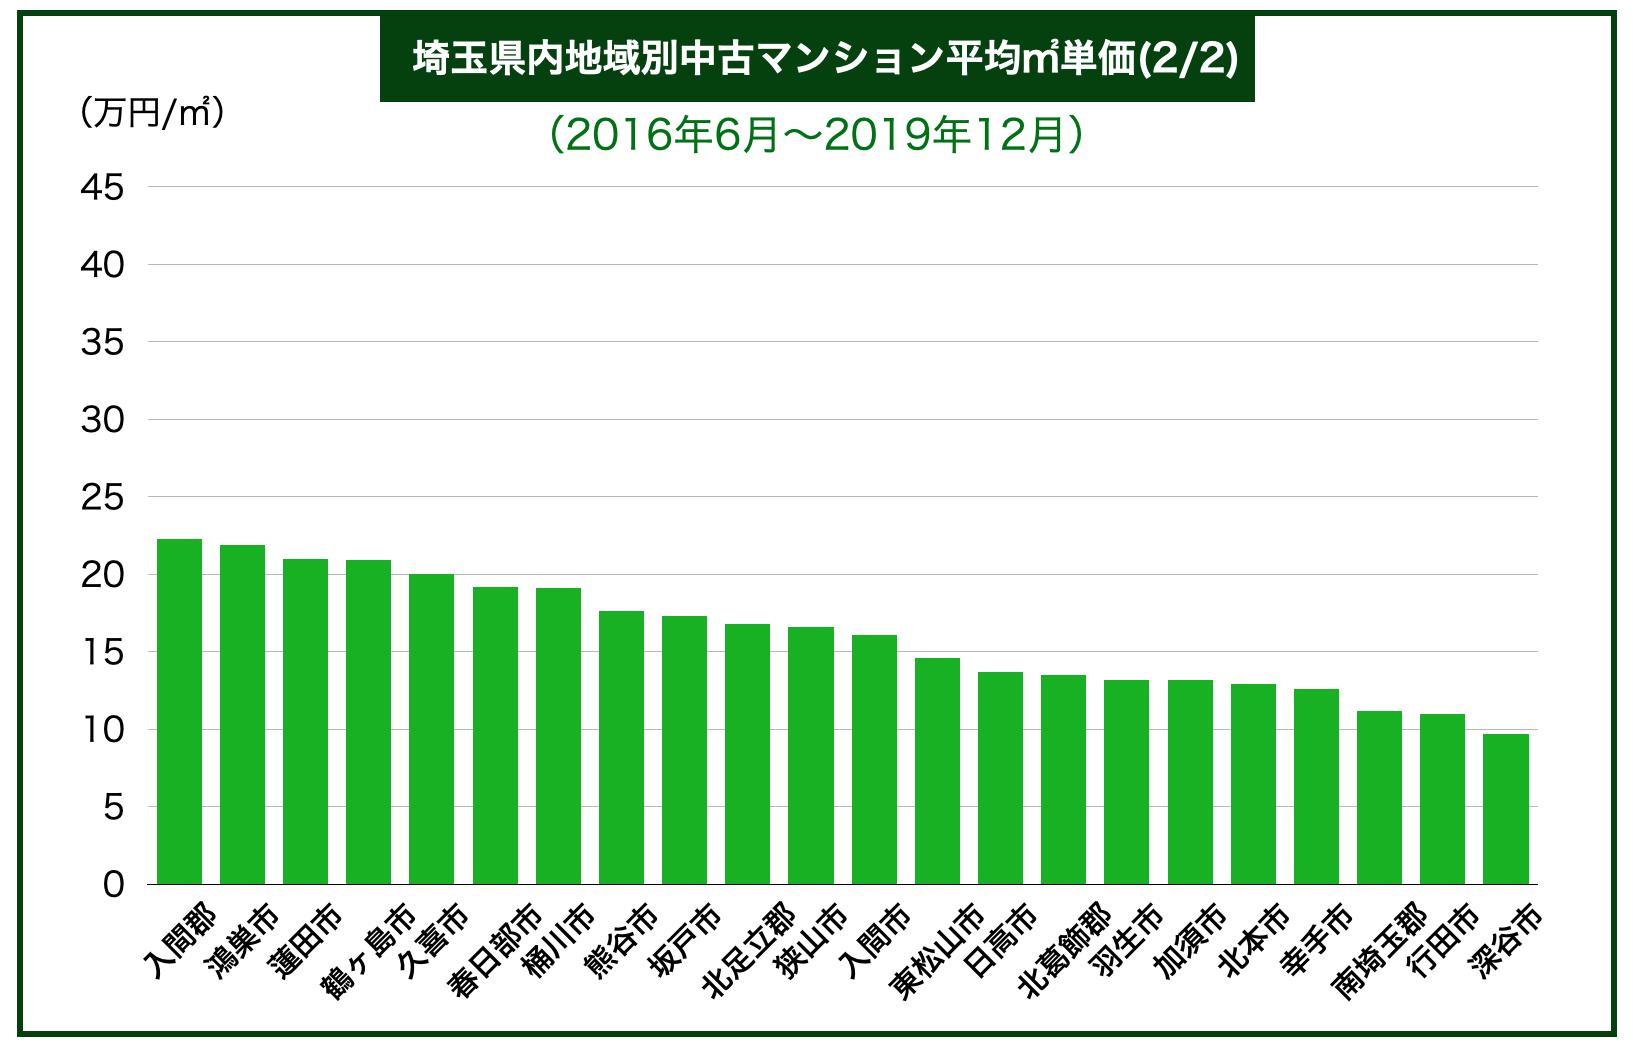 埼玉県下内地域別中古マンション平均㎡単価